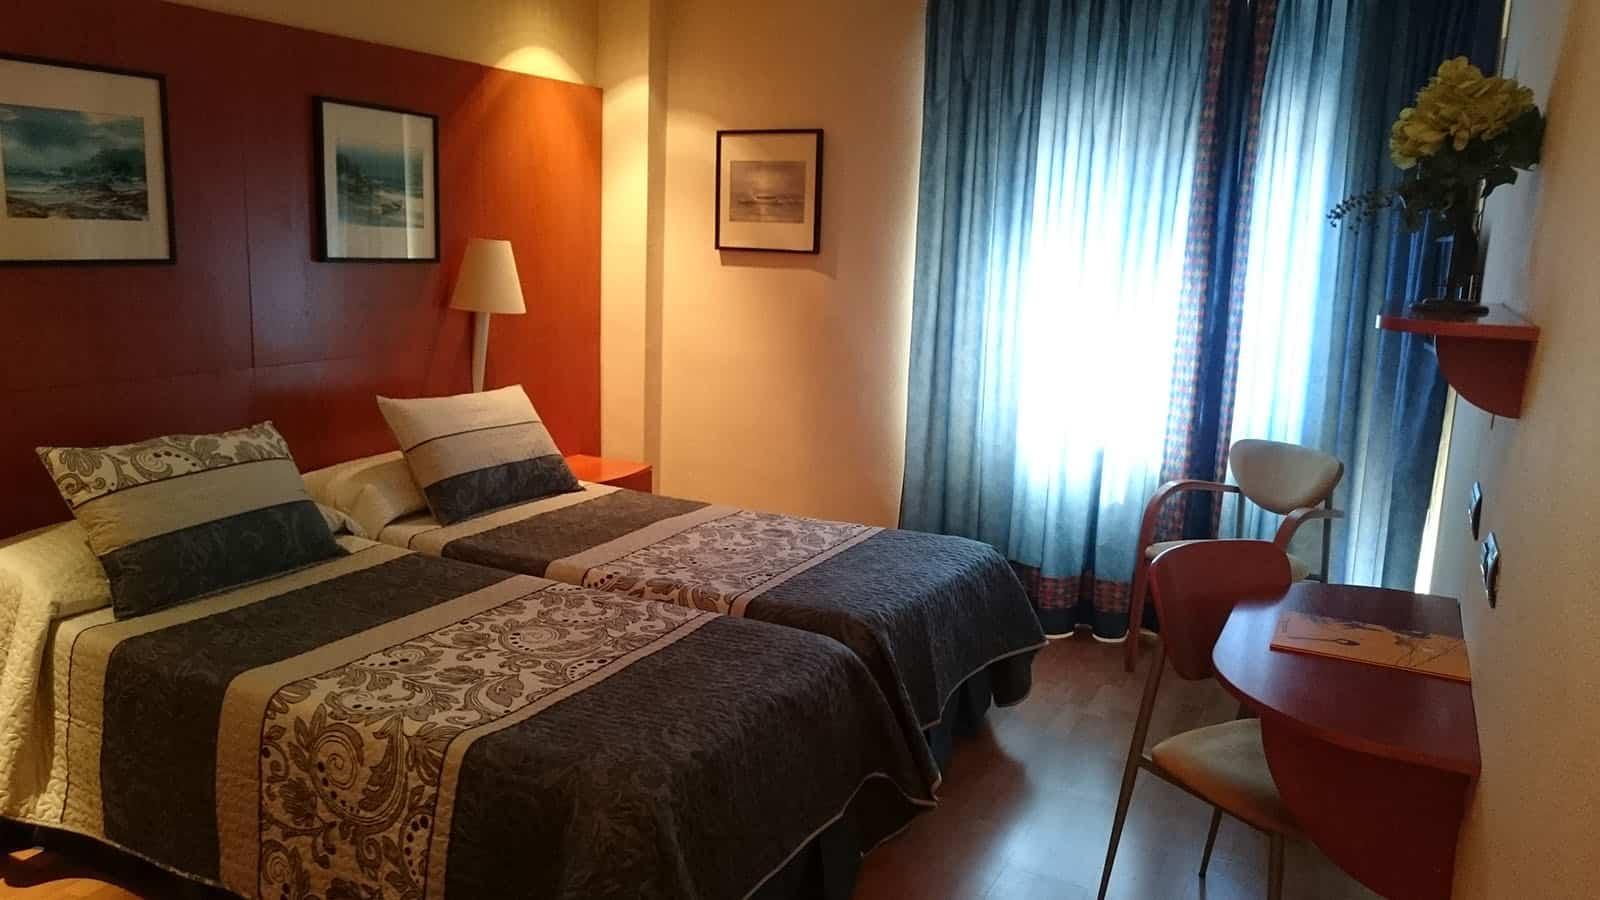 Hotel Salvadora - Hotel en Villena, Alicante